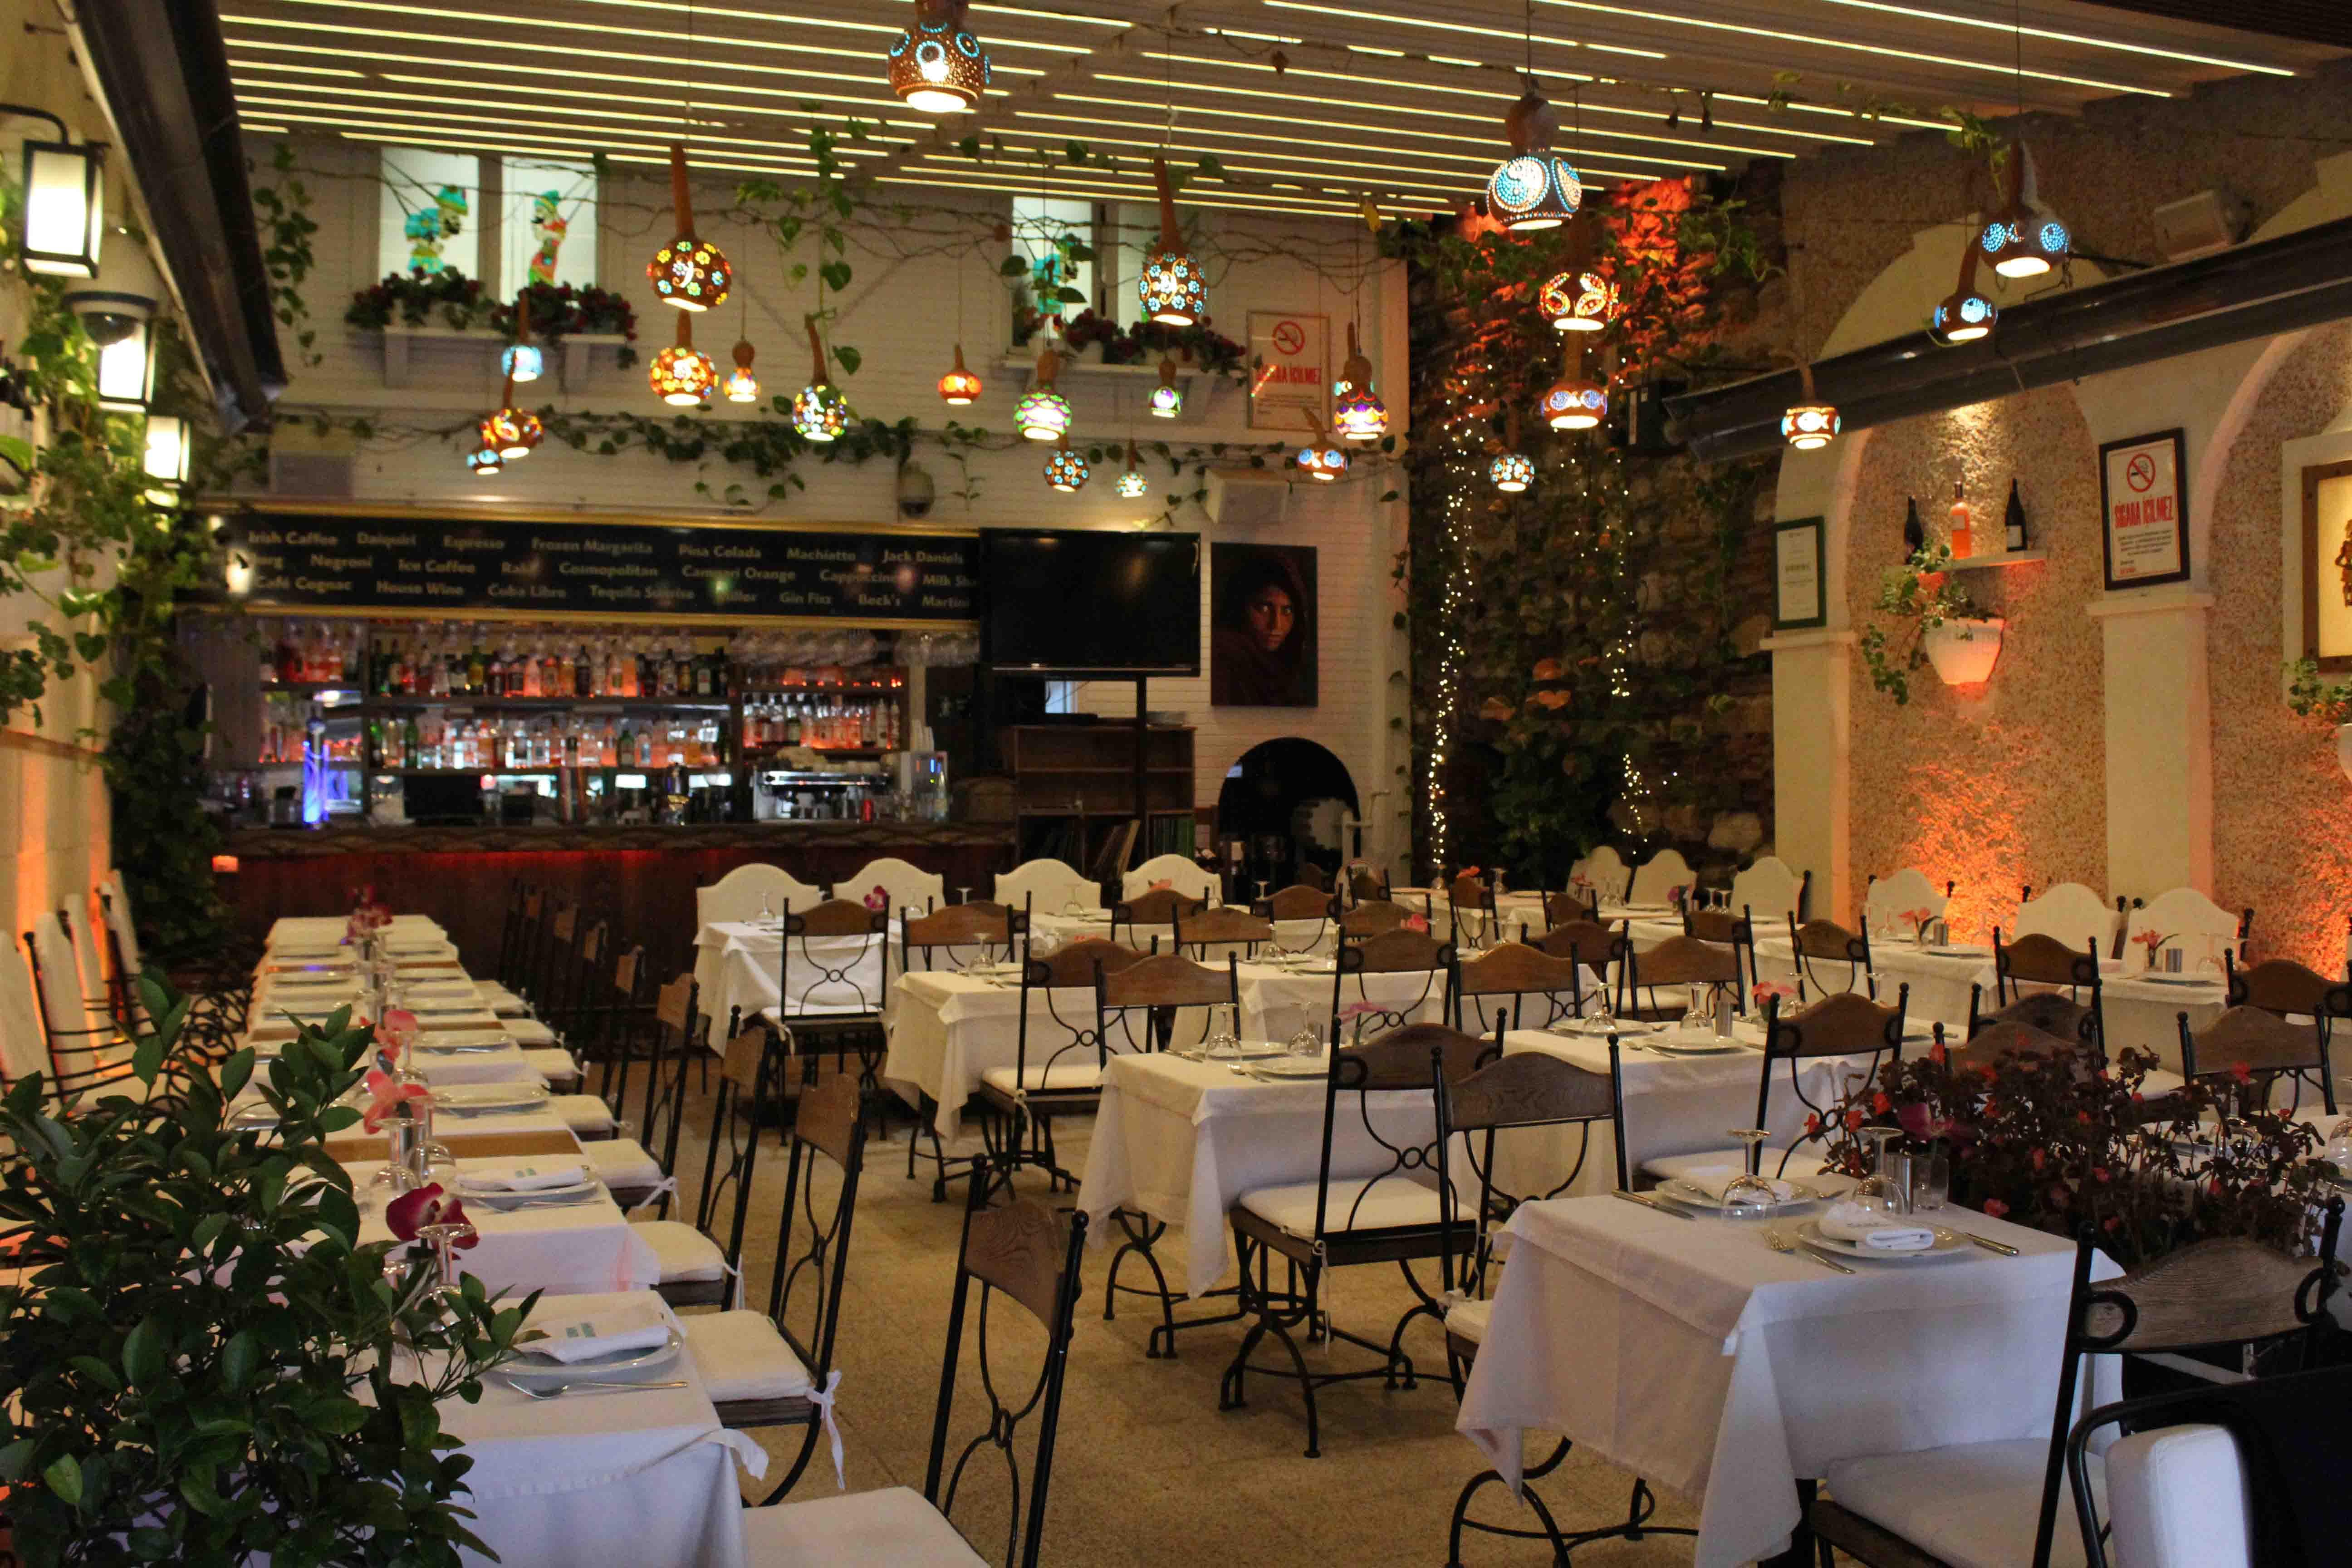 http://www.alburakathisma.com/images/galeri/orjinal/albura-Garden-102.jpg